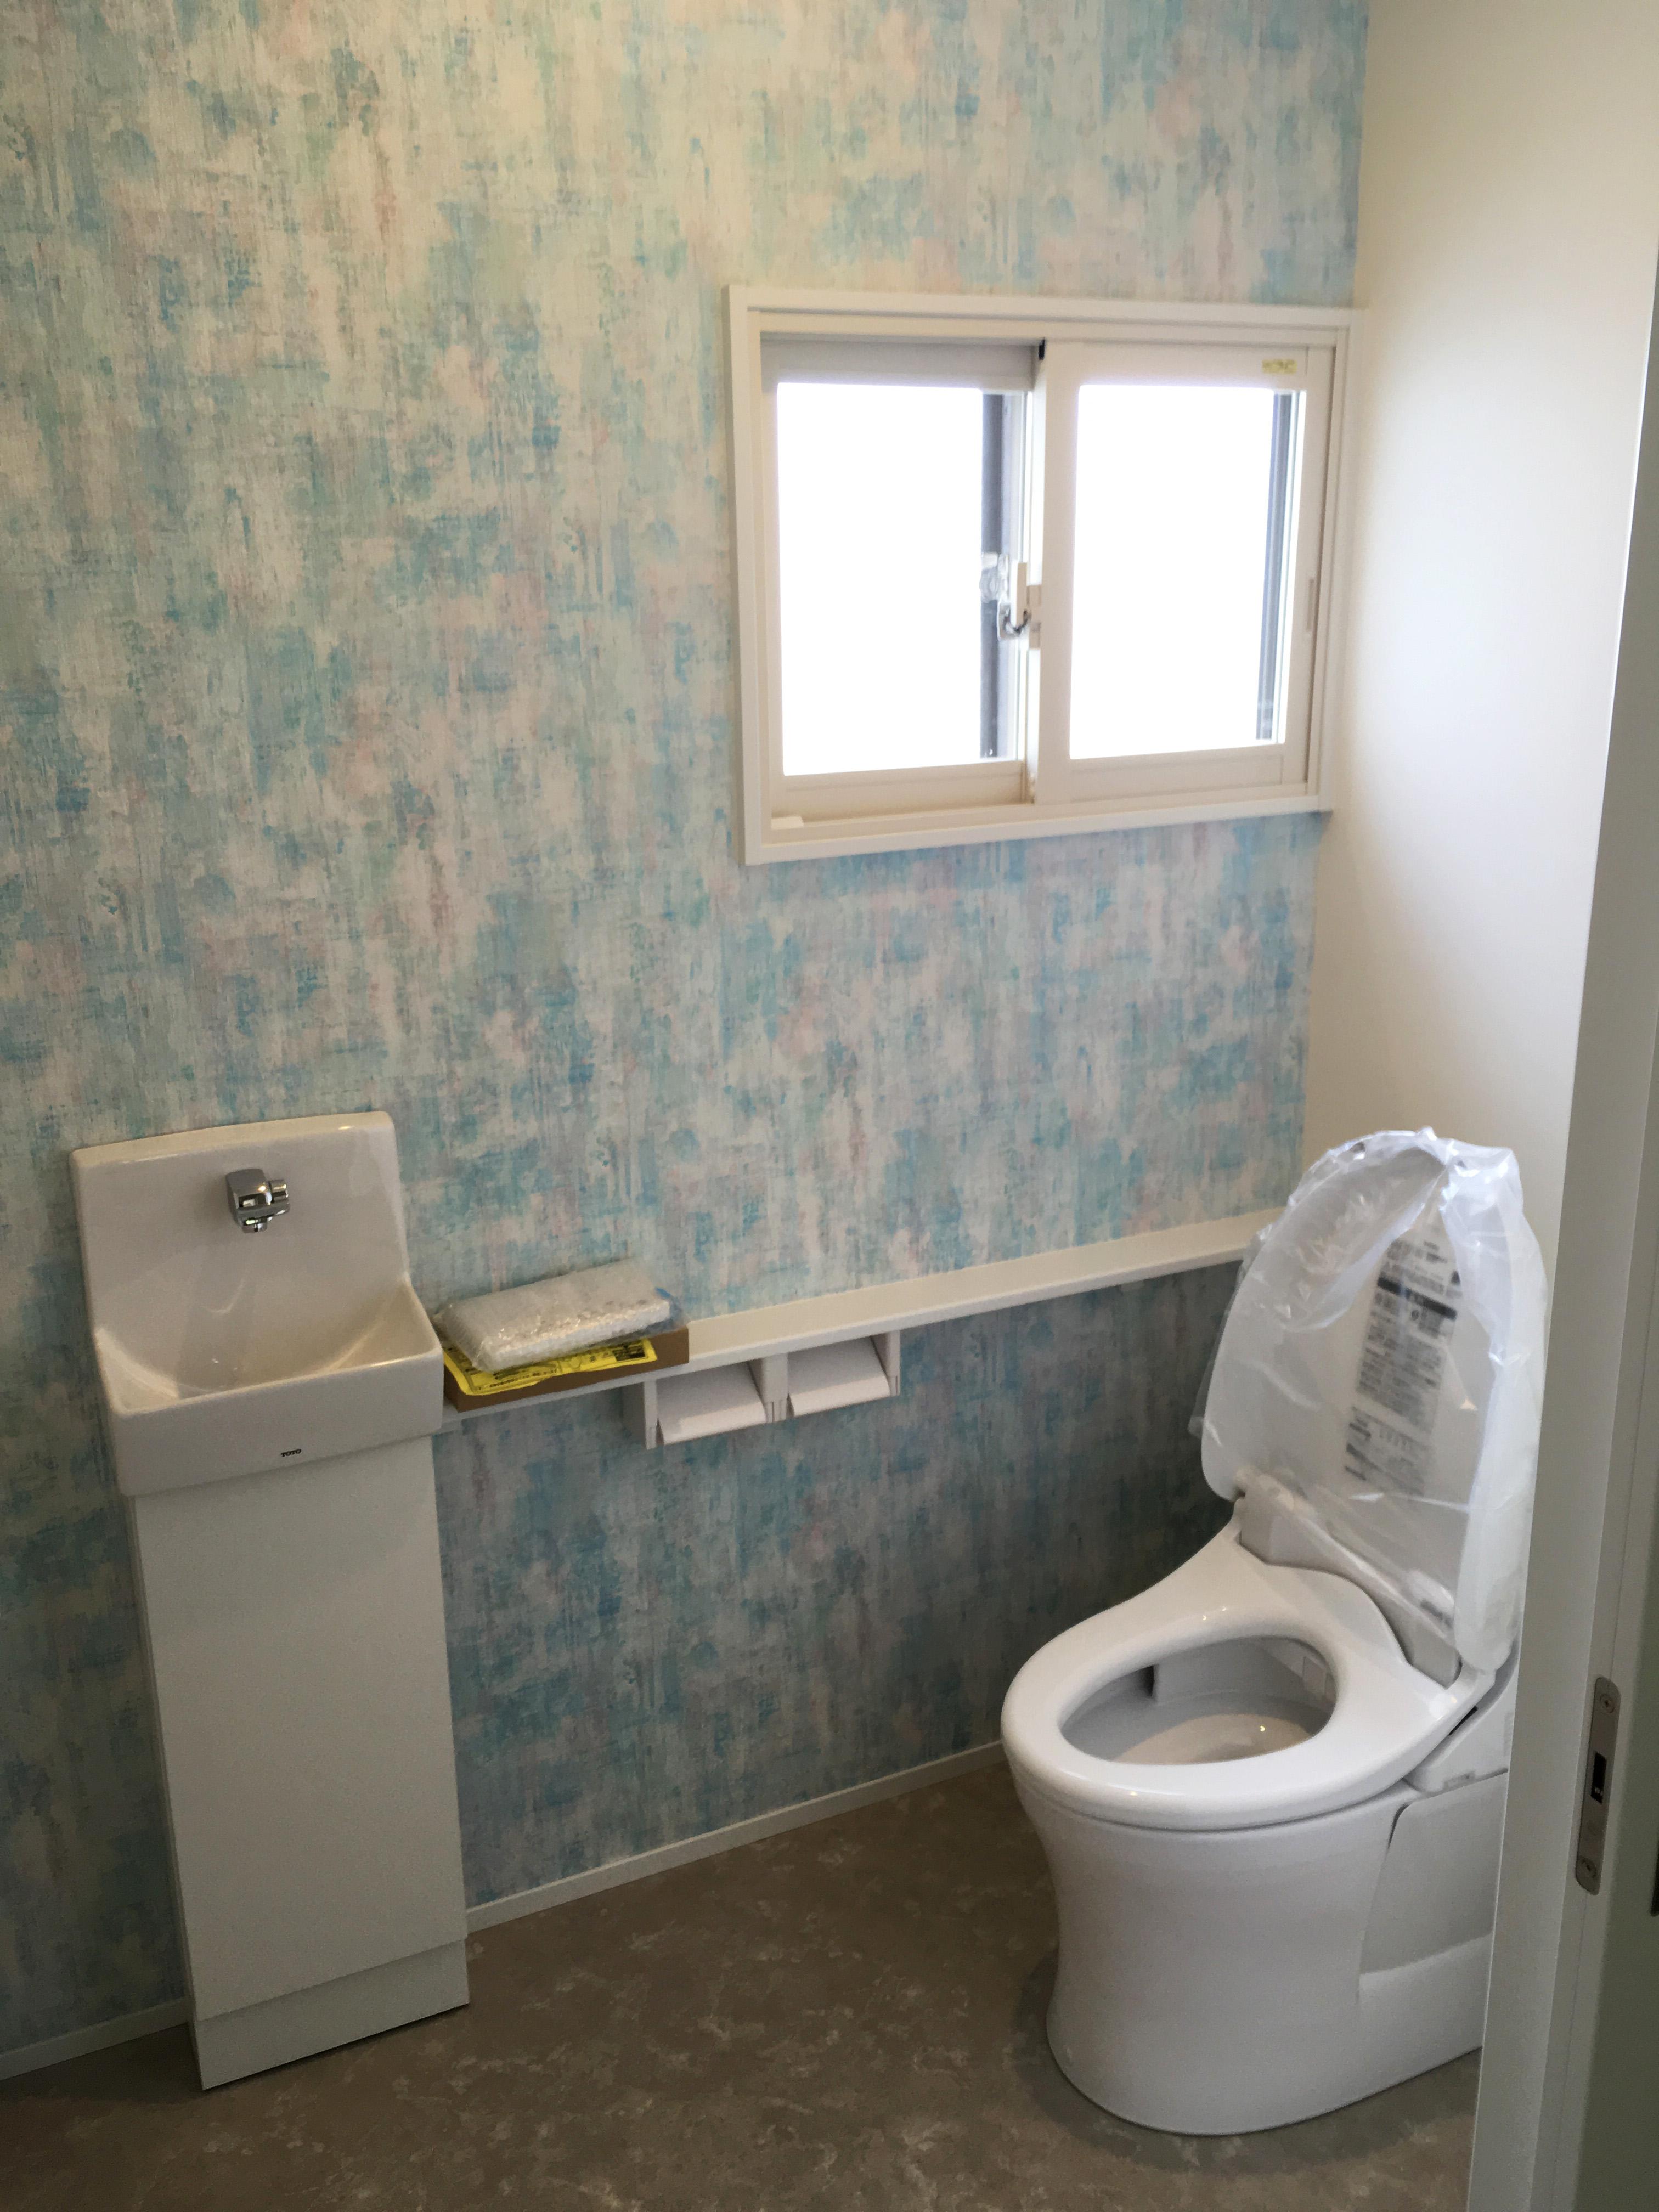 【ダイク株式会社】高さも奥行きもぐっとコンパクトなトイレに♪